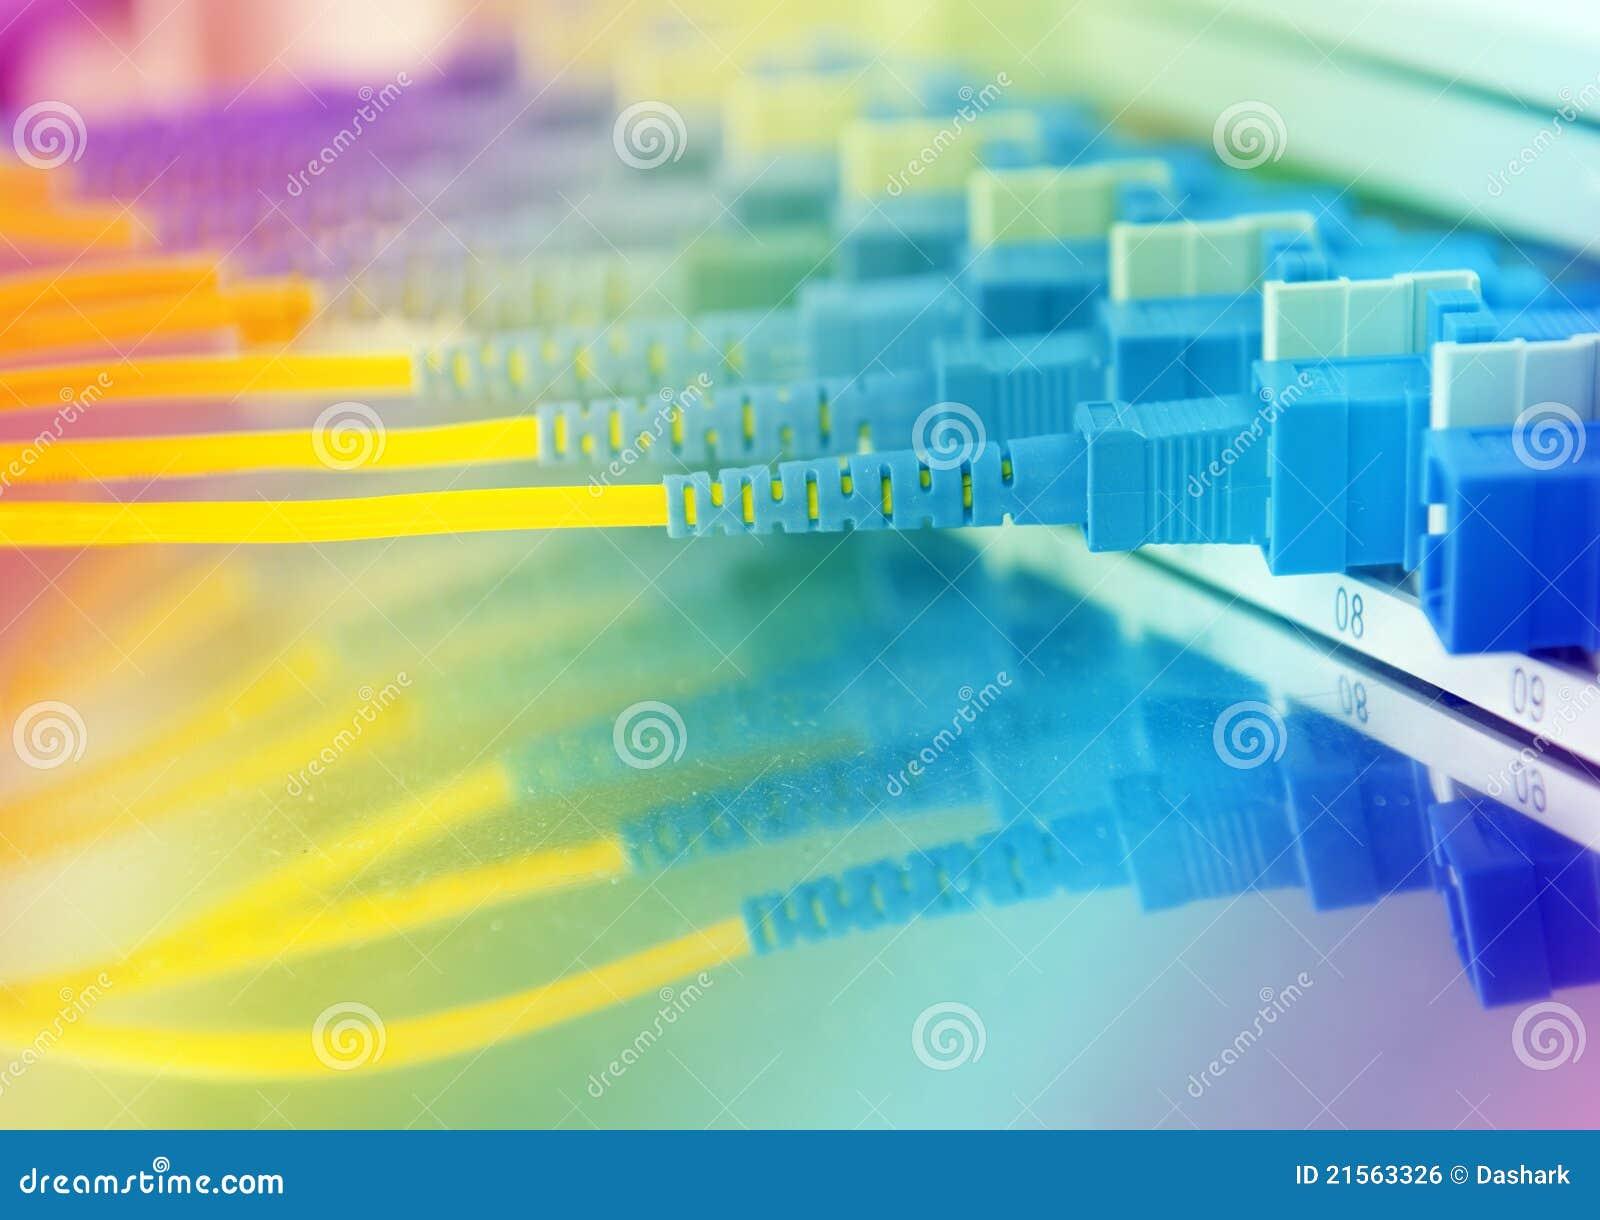 Nätverkskablar och serveror